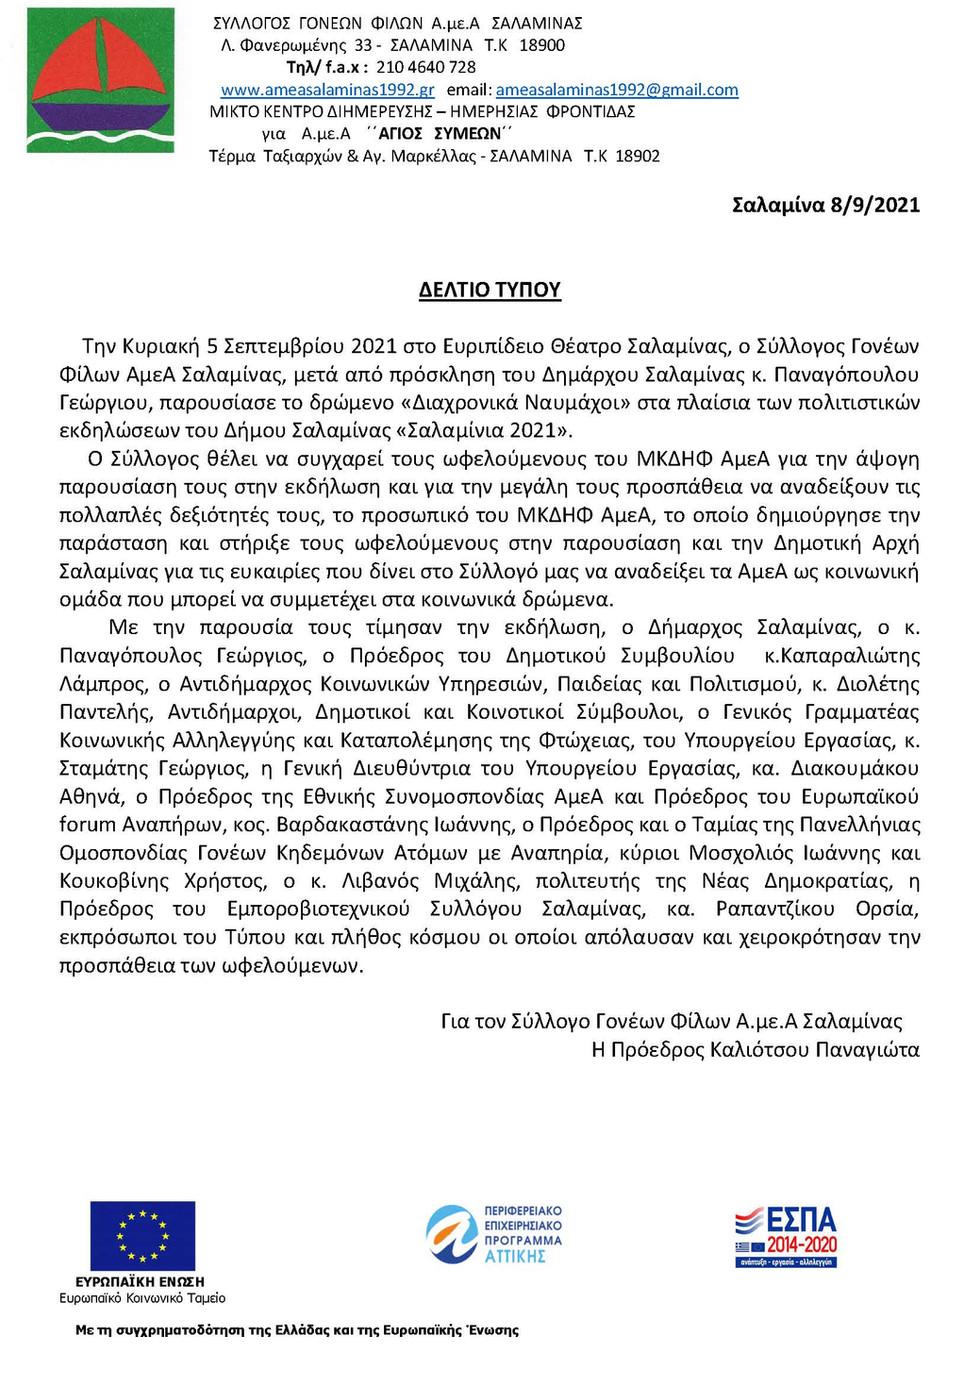 Ευριπίδειο θέατρο Σαλαμίνας 5/9/21